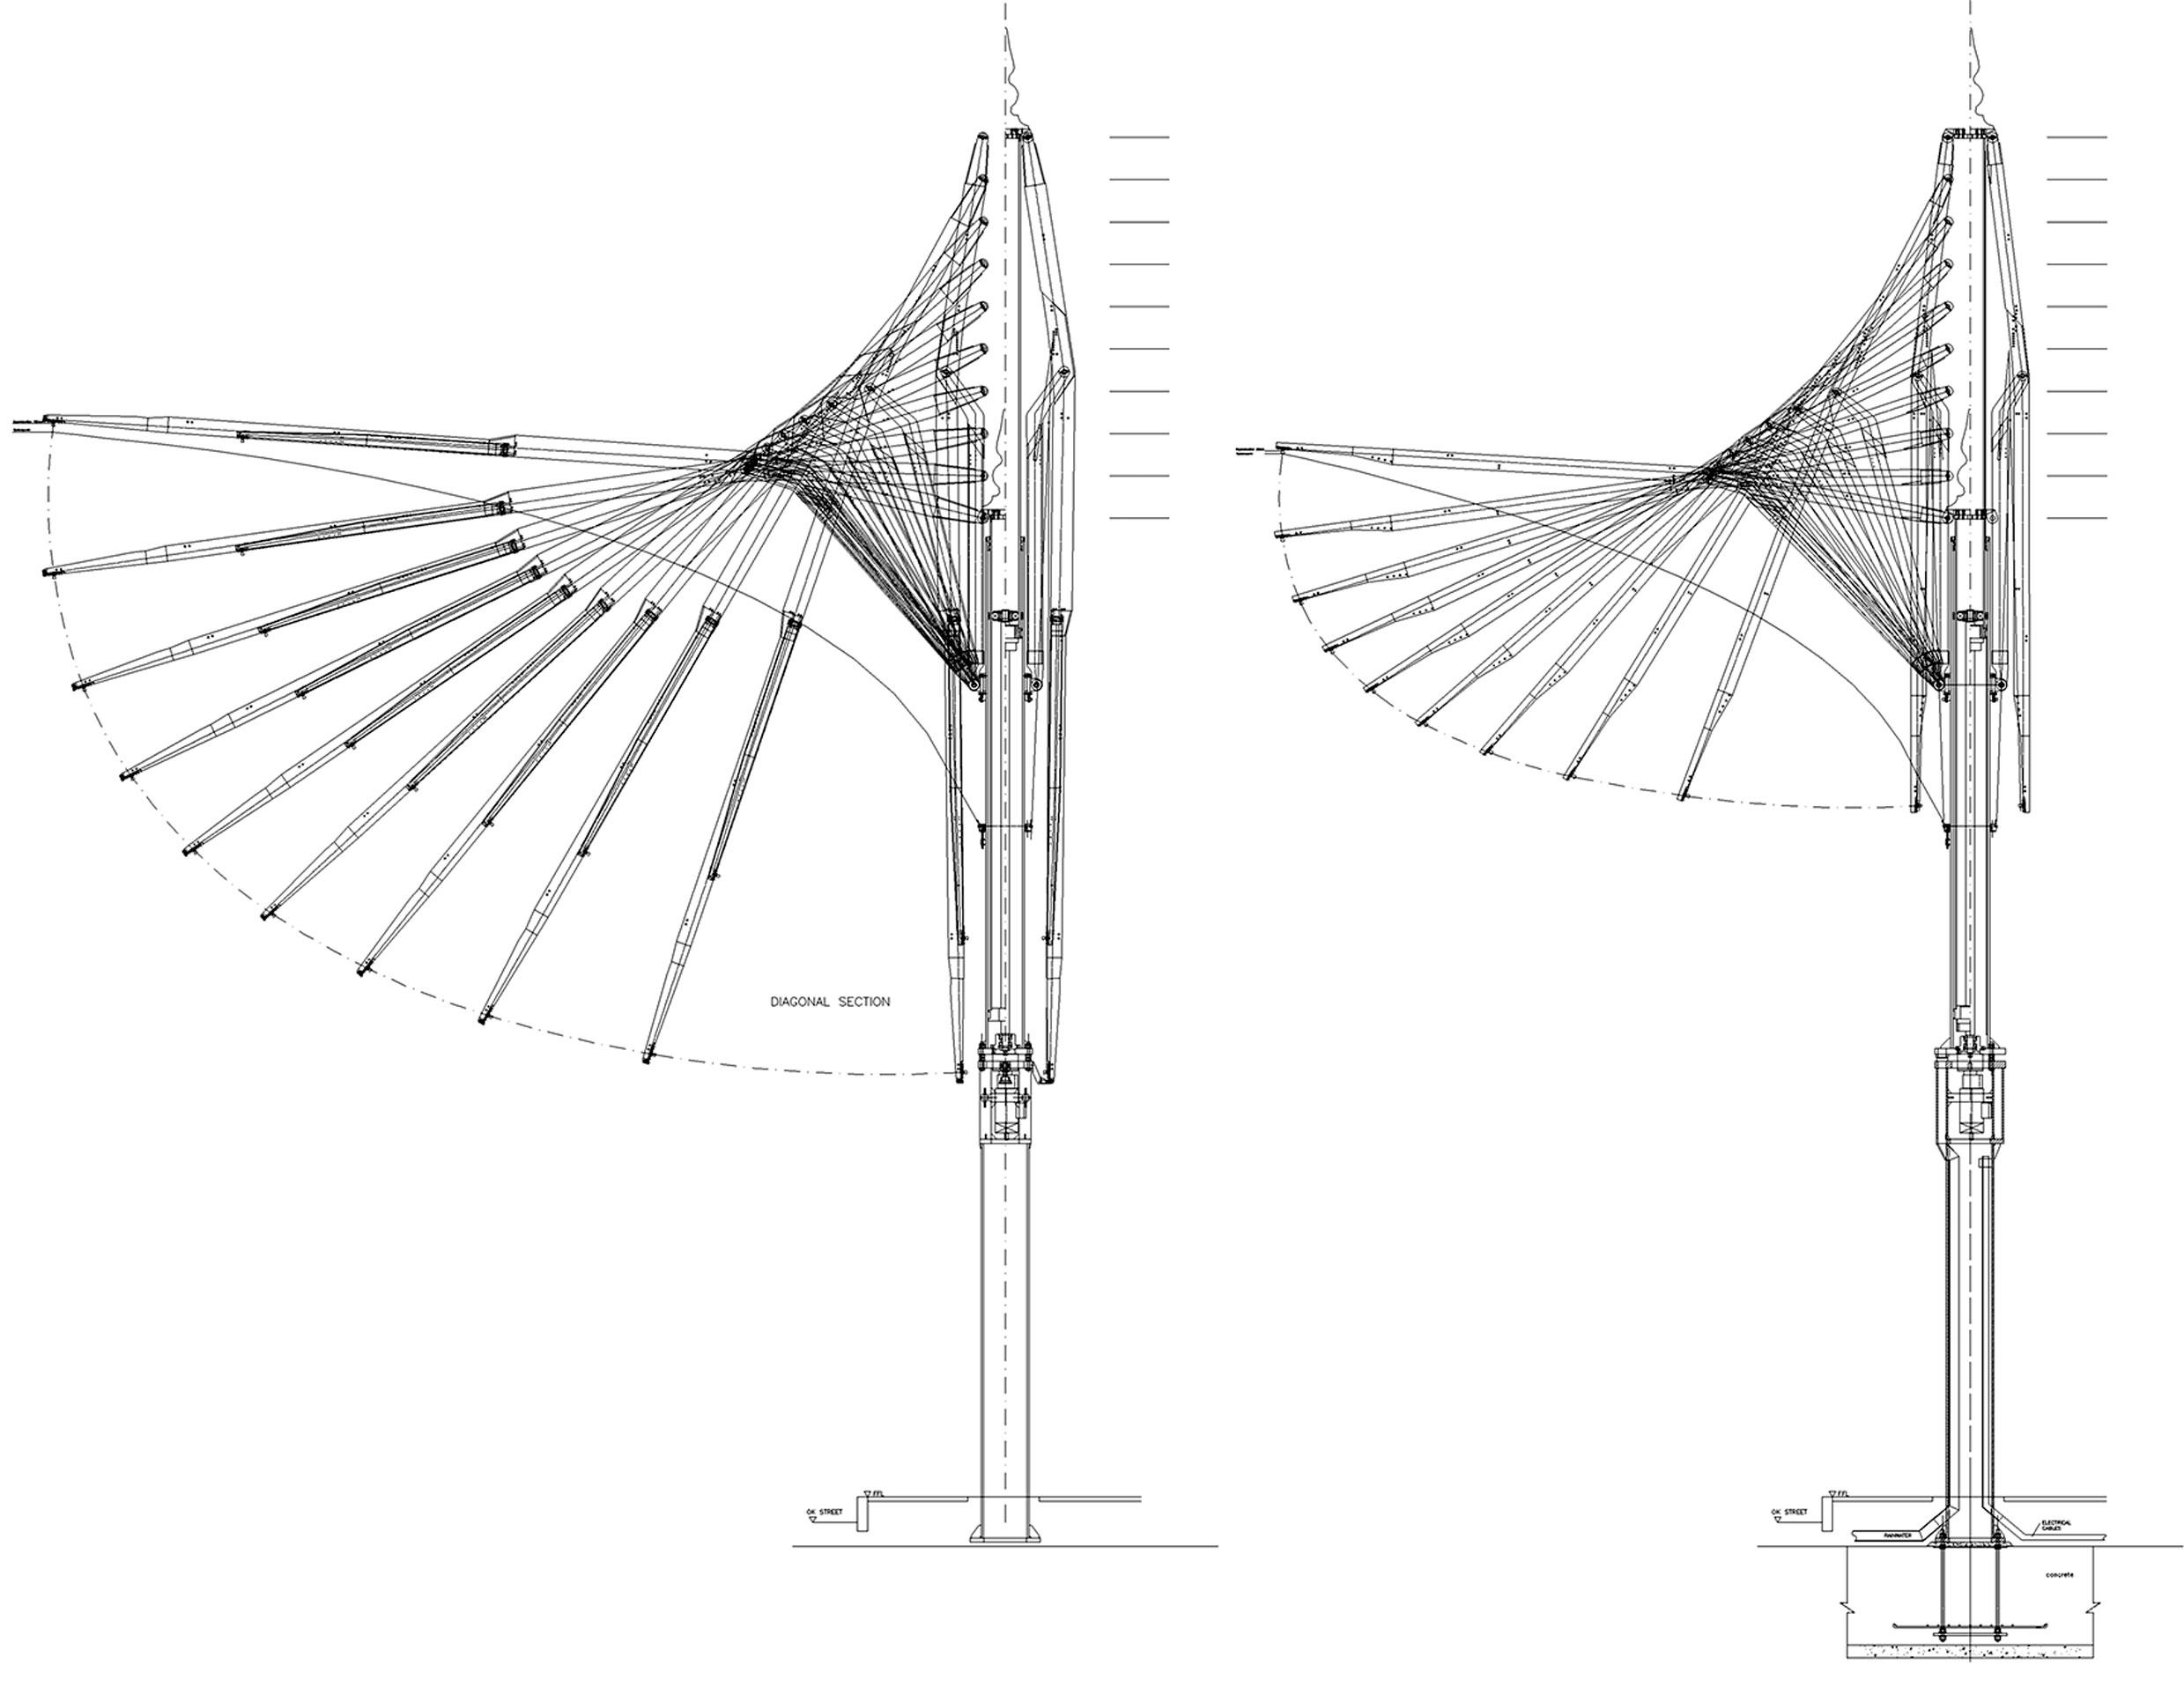 Konstruktion mit geradem Armsystem - Vier diagonale Arme sind mit je zwei passiven und vier Mittelarmen verbunden. Die Oberflächenspannungen werden über Rand- und Radialbänder auf die Beschläge am Schirmstahlrahmen übertragen.